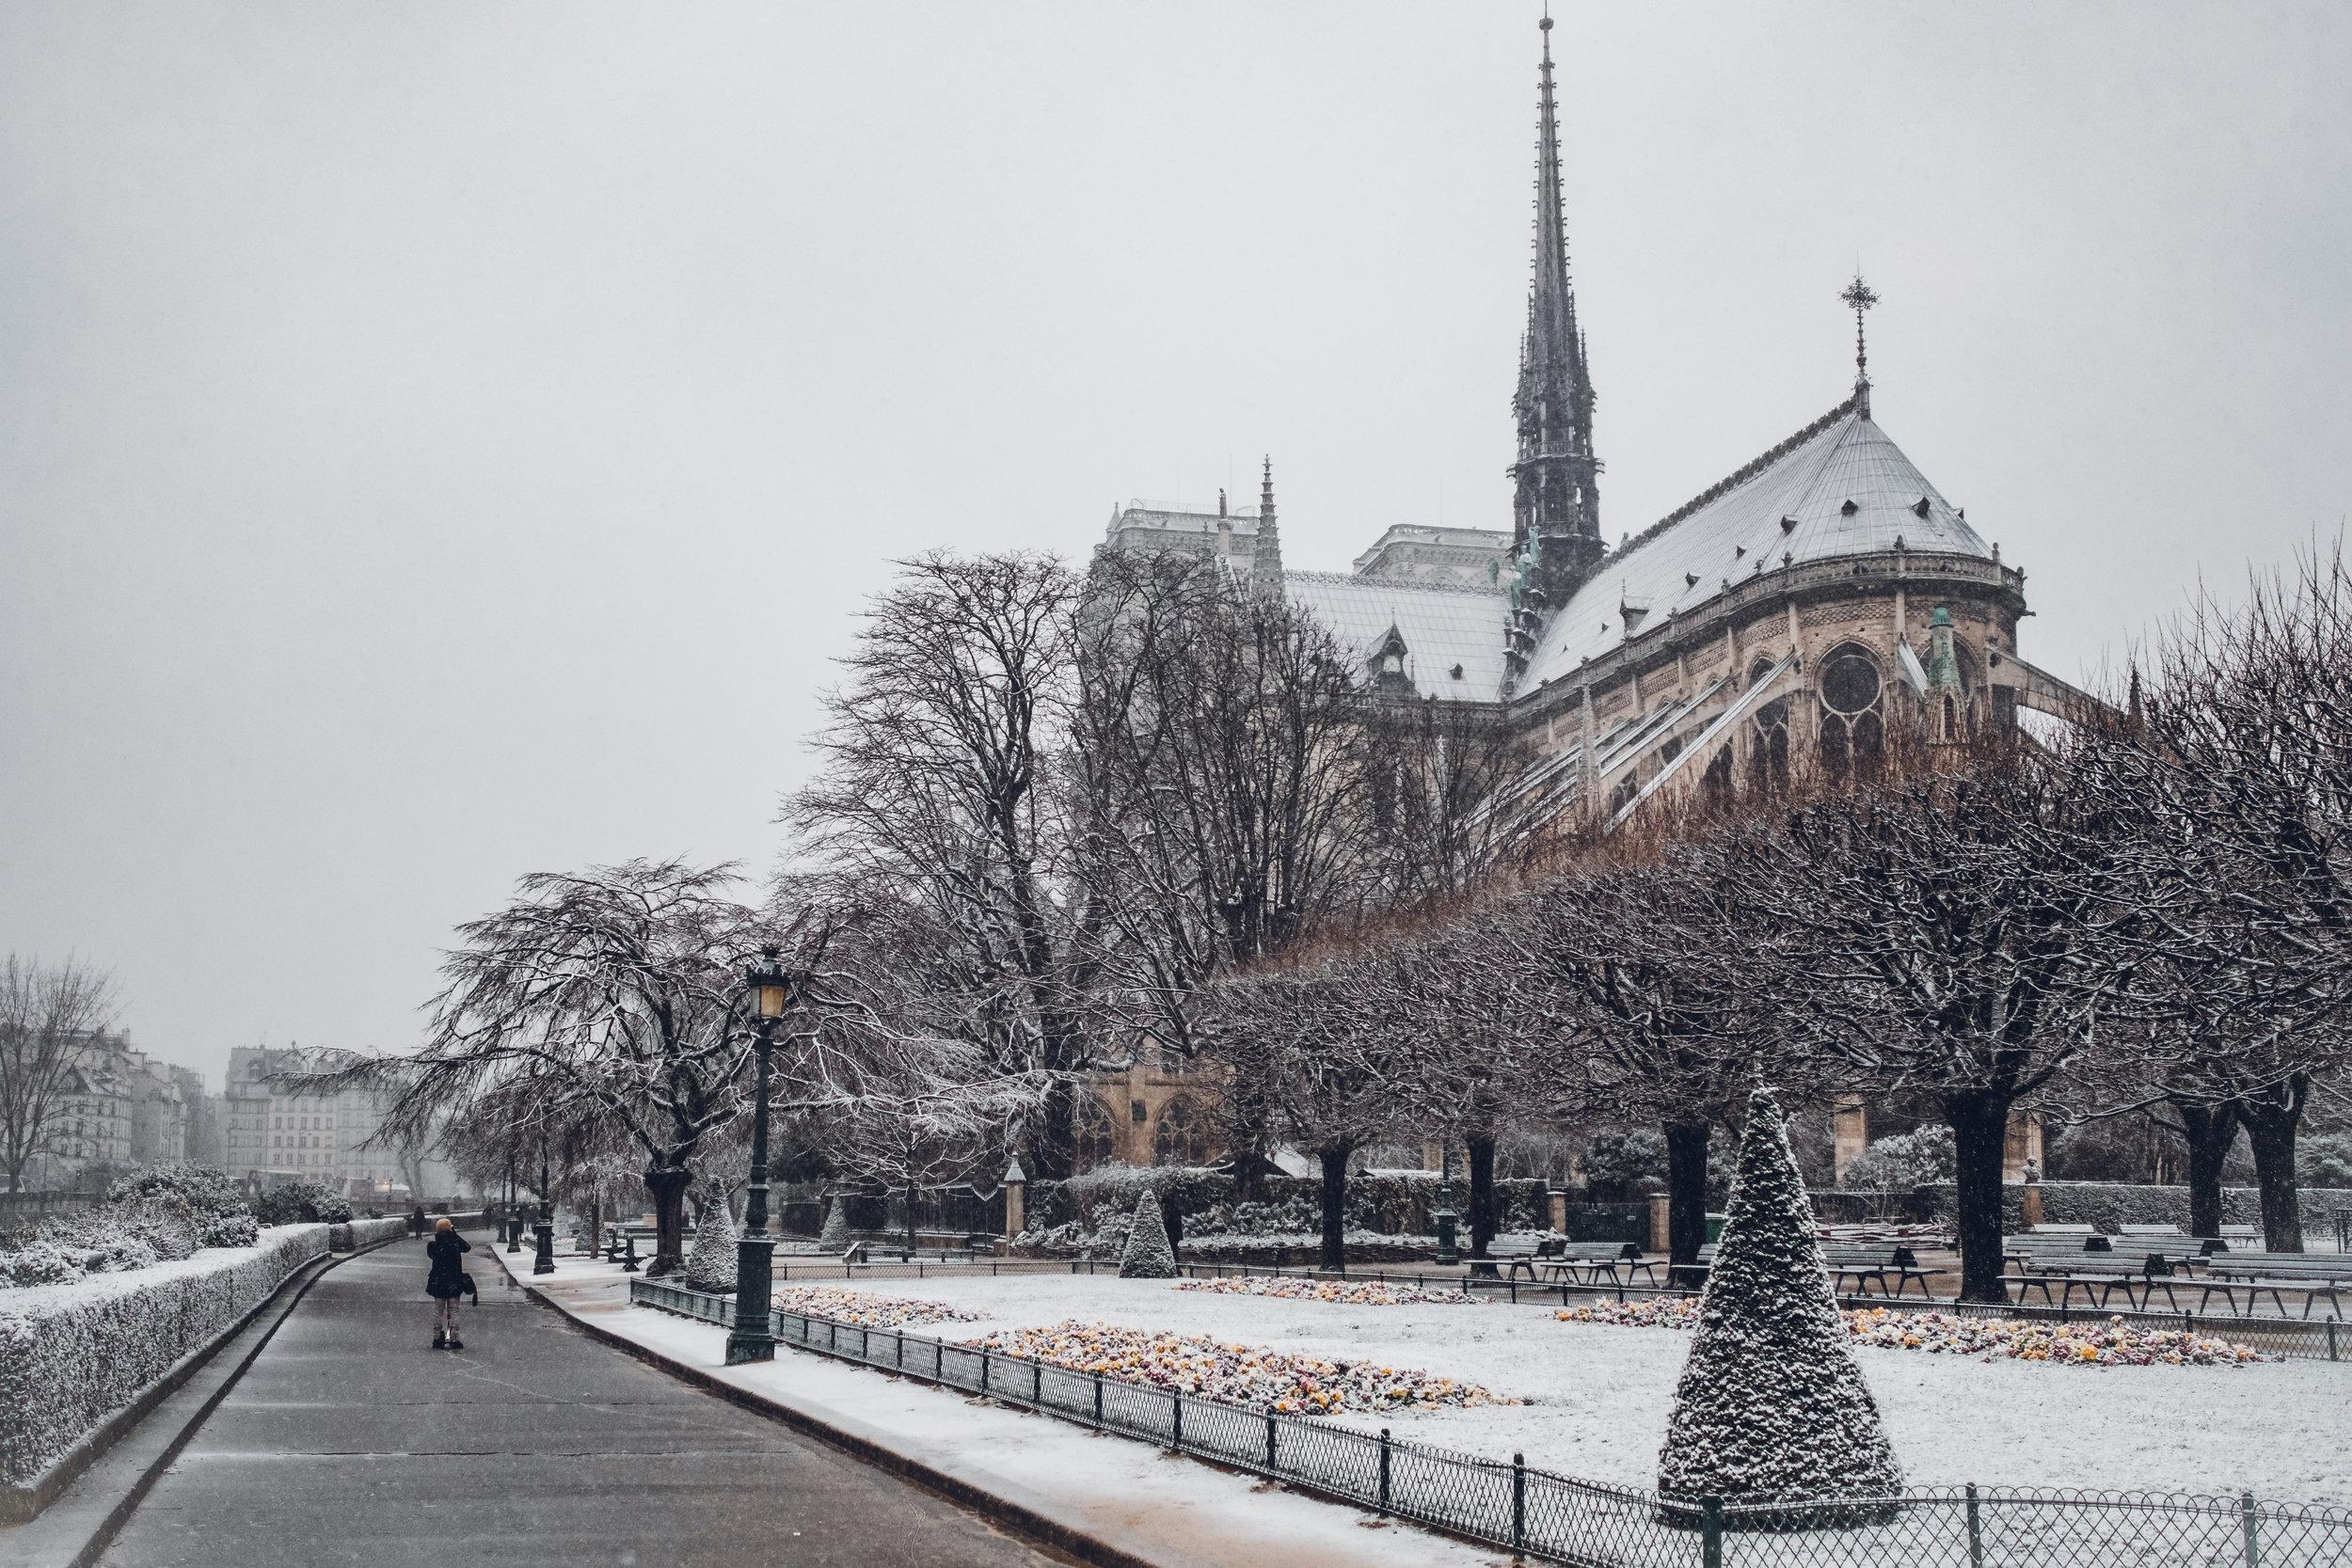 Notre-Dame de Paris, Paris, France